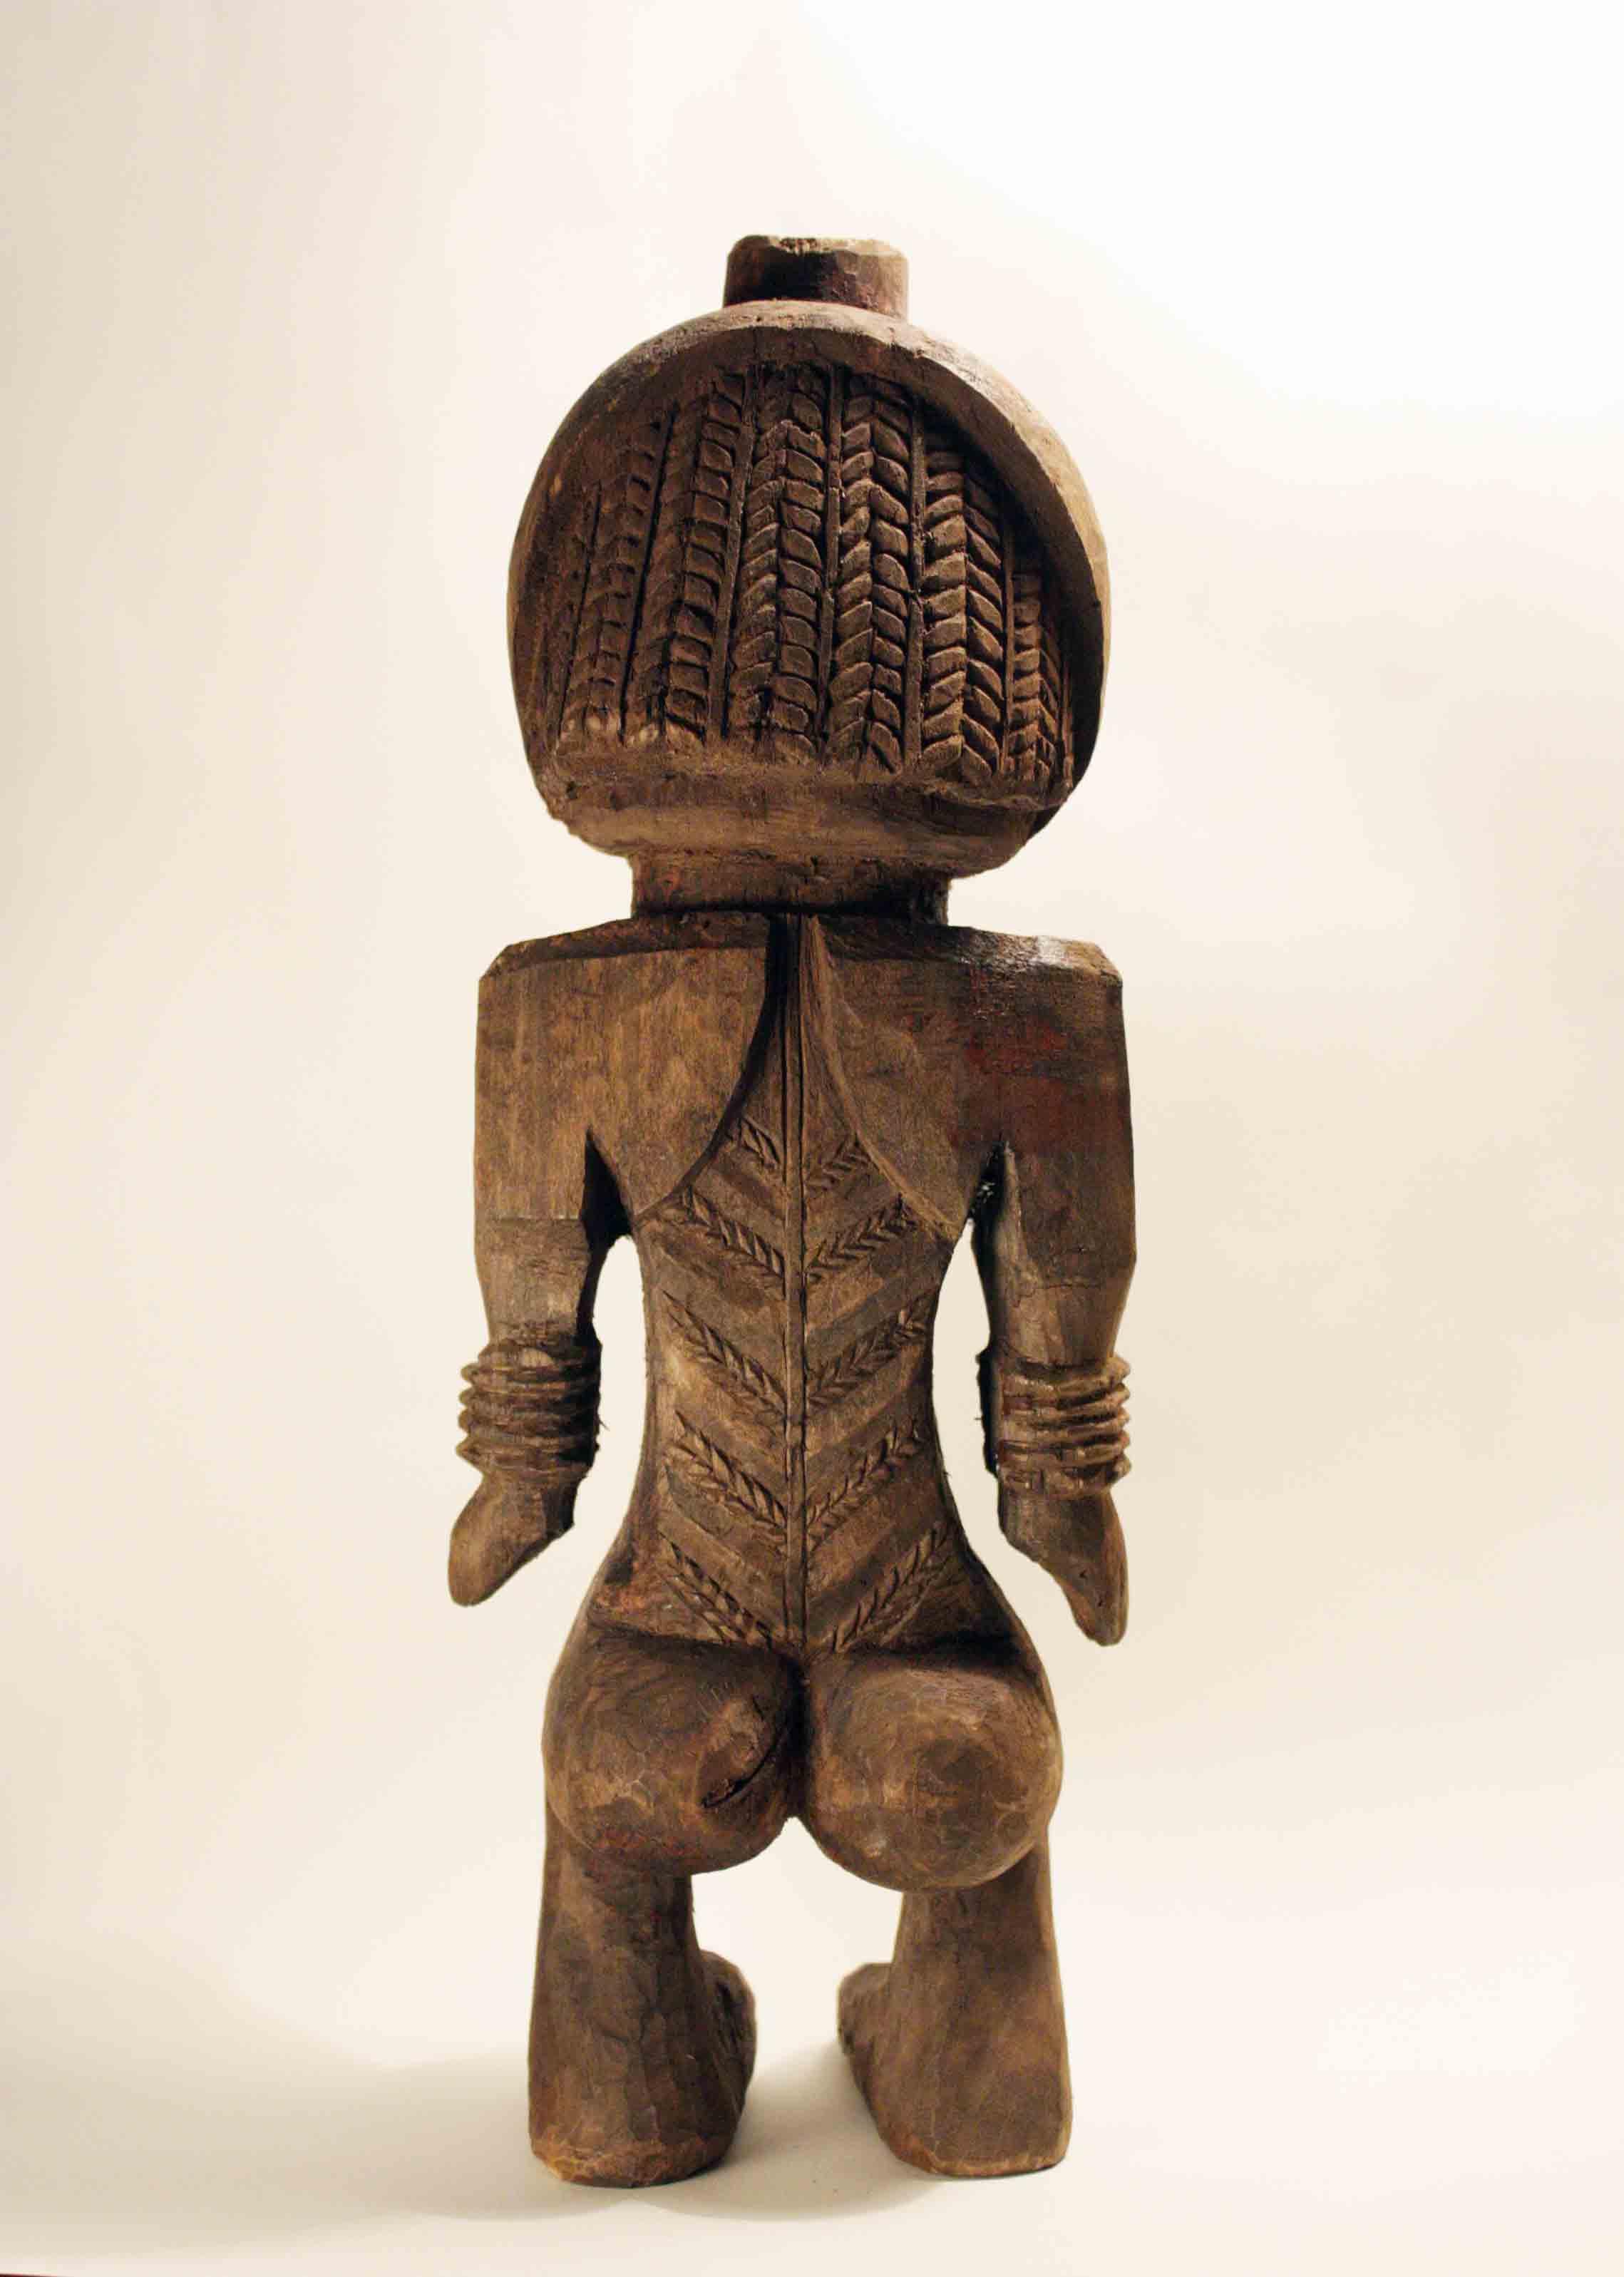 Statuette imitation ébène